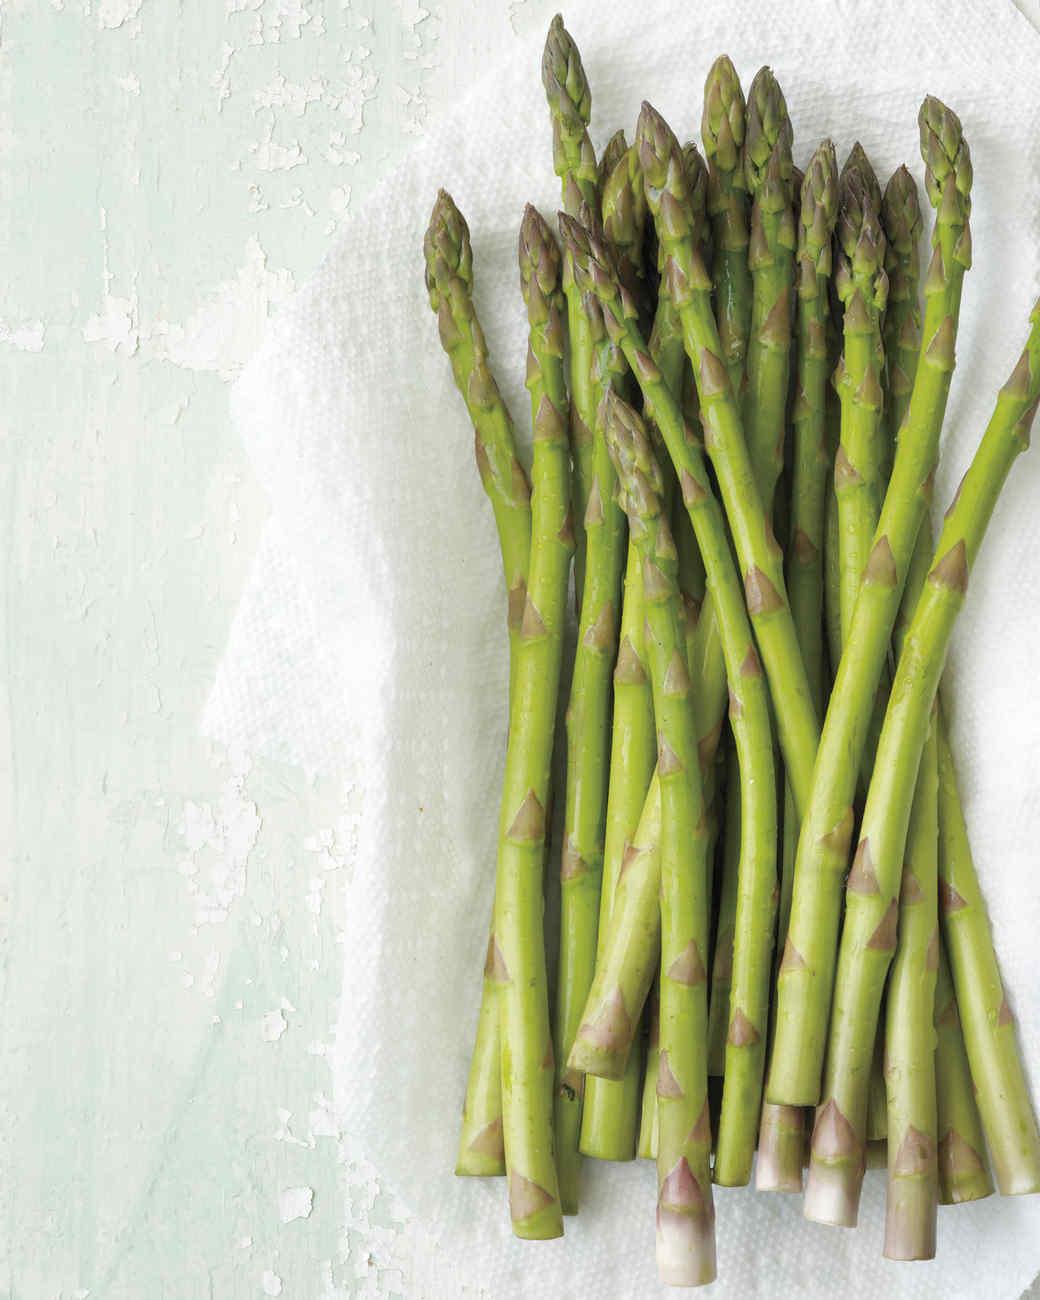 Easy recipes for fresh asparagus